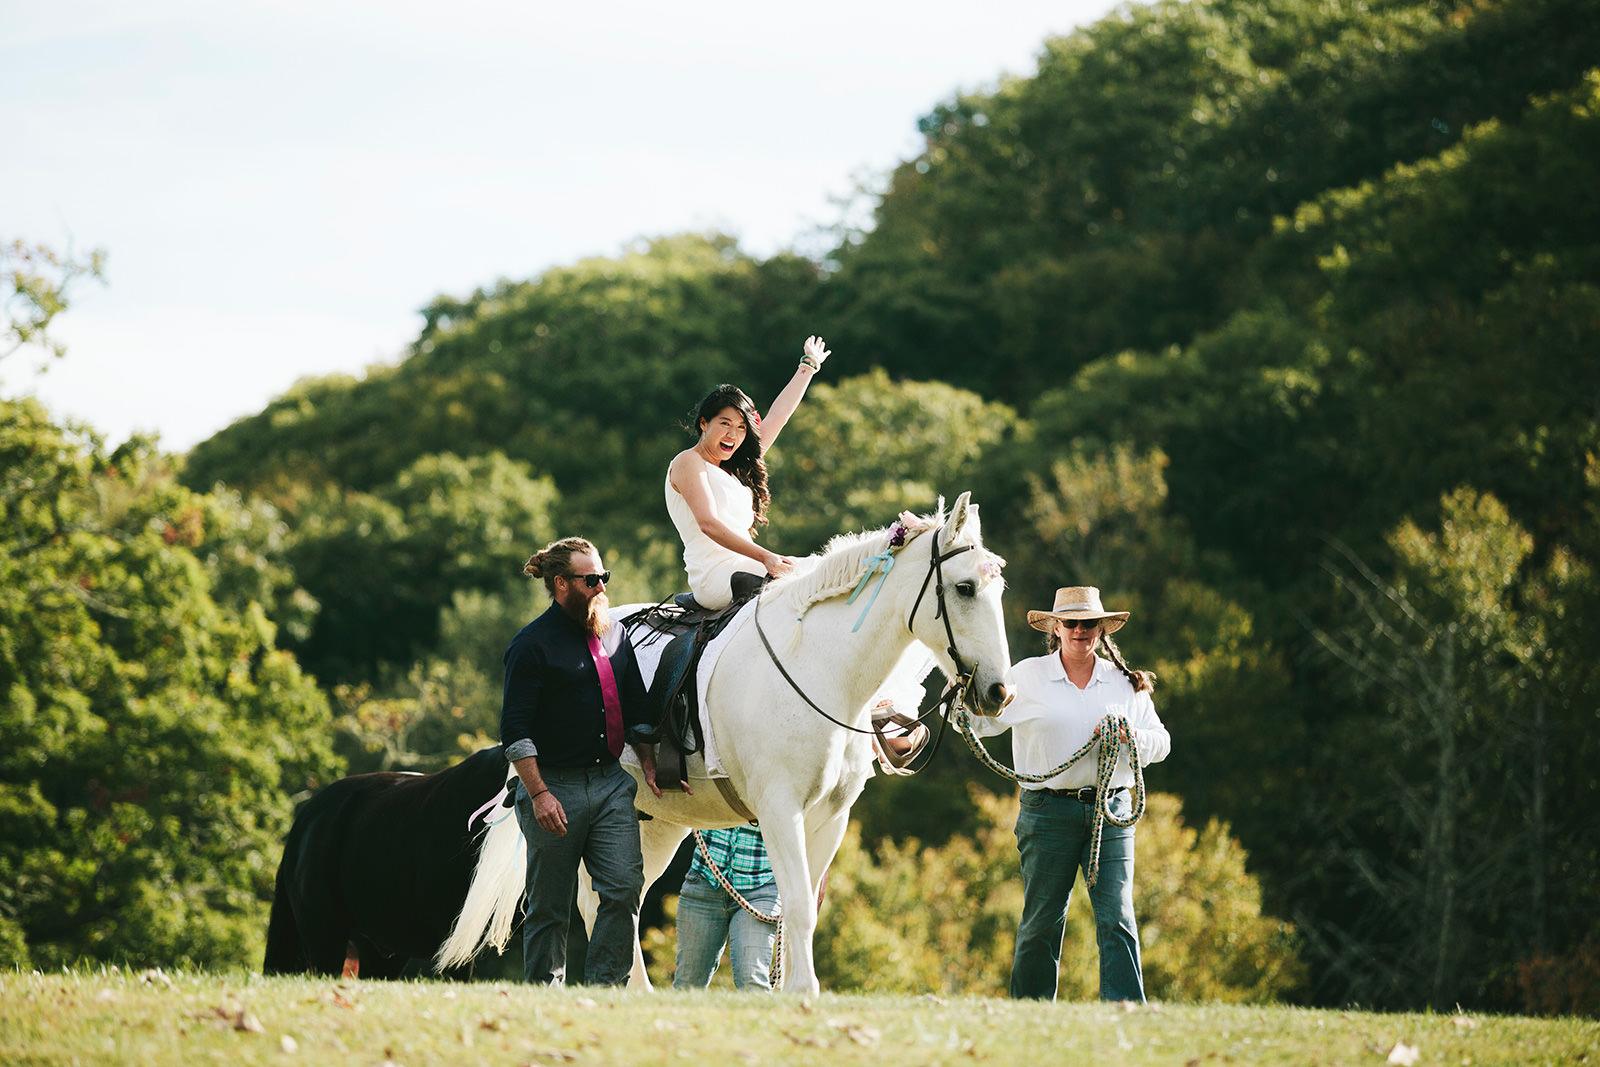 bride riding a horse wedding photo